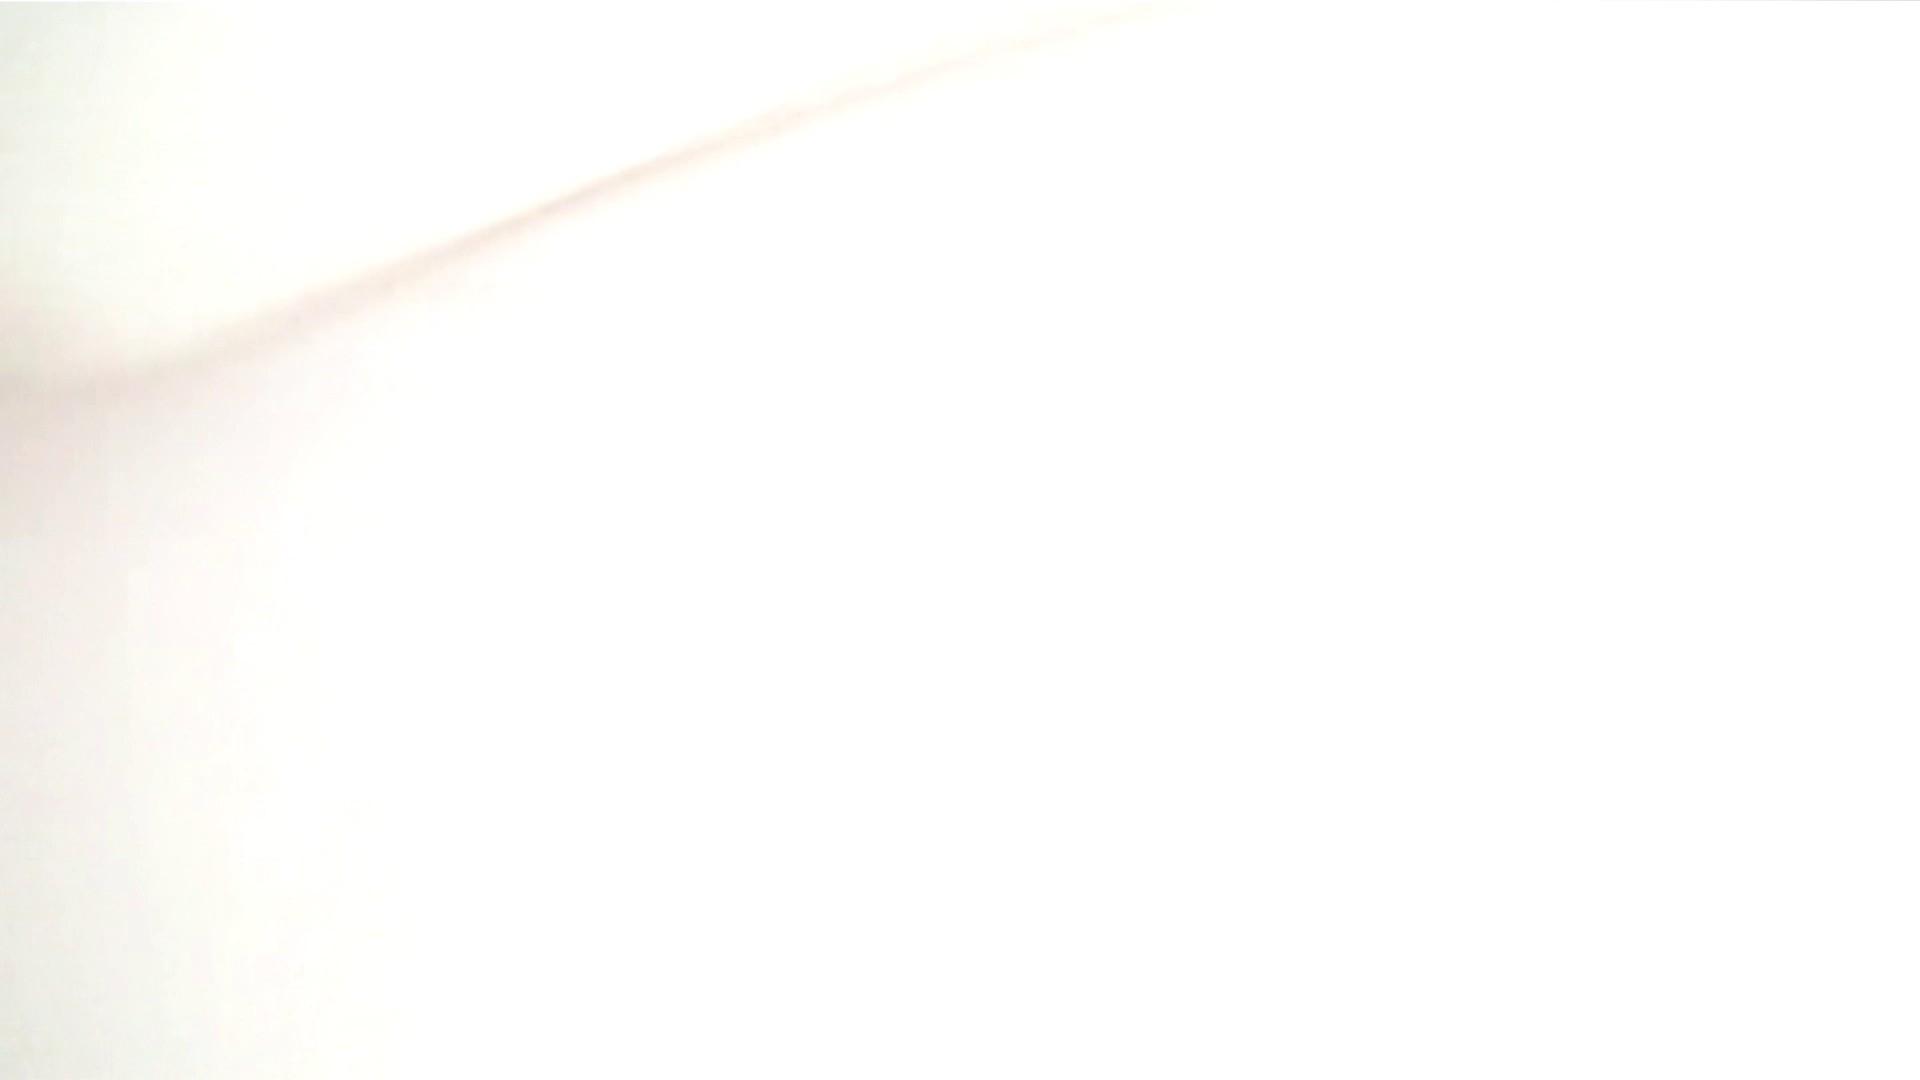 ※100個限定販売 至高下半身盗撮 プレミアム Vol.20 ハイビジョン OL  100pic 39